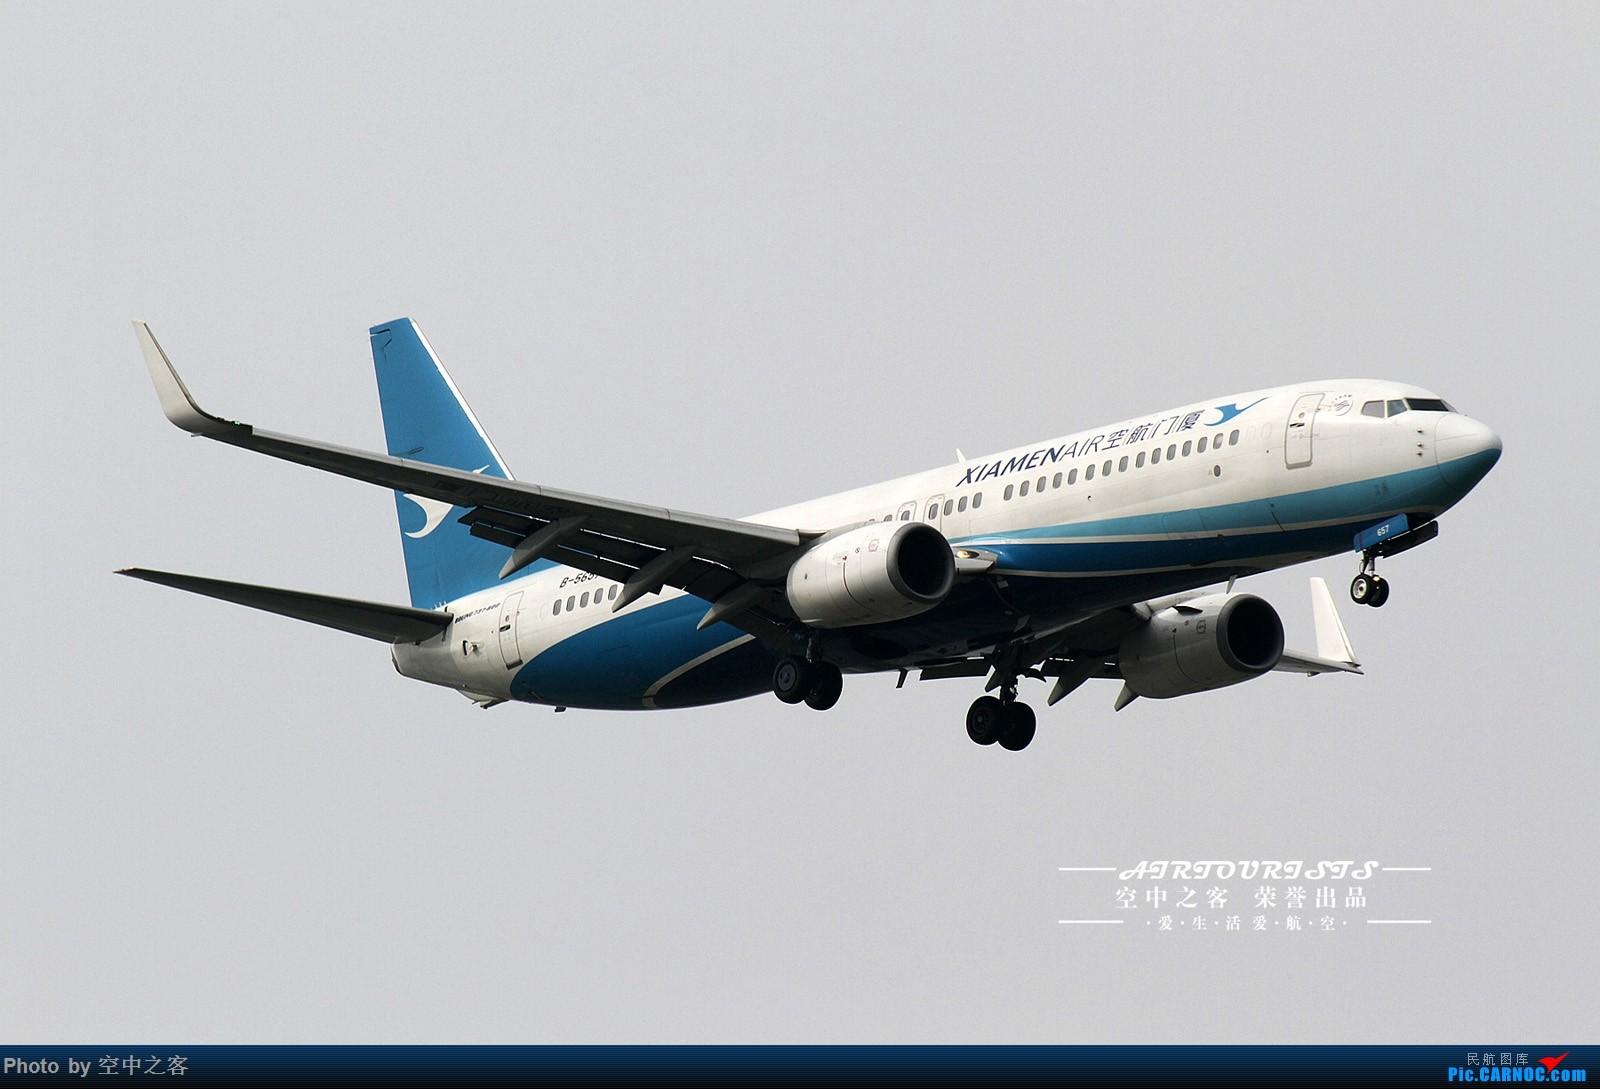 Re:[原创][合肥飞友会·霸都打机队 空中之客出品]虽然水泥天也要来一场说走就走的拍机(前传) BOEING 737-800 B-5657 合肥新桥国际机场